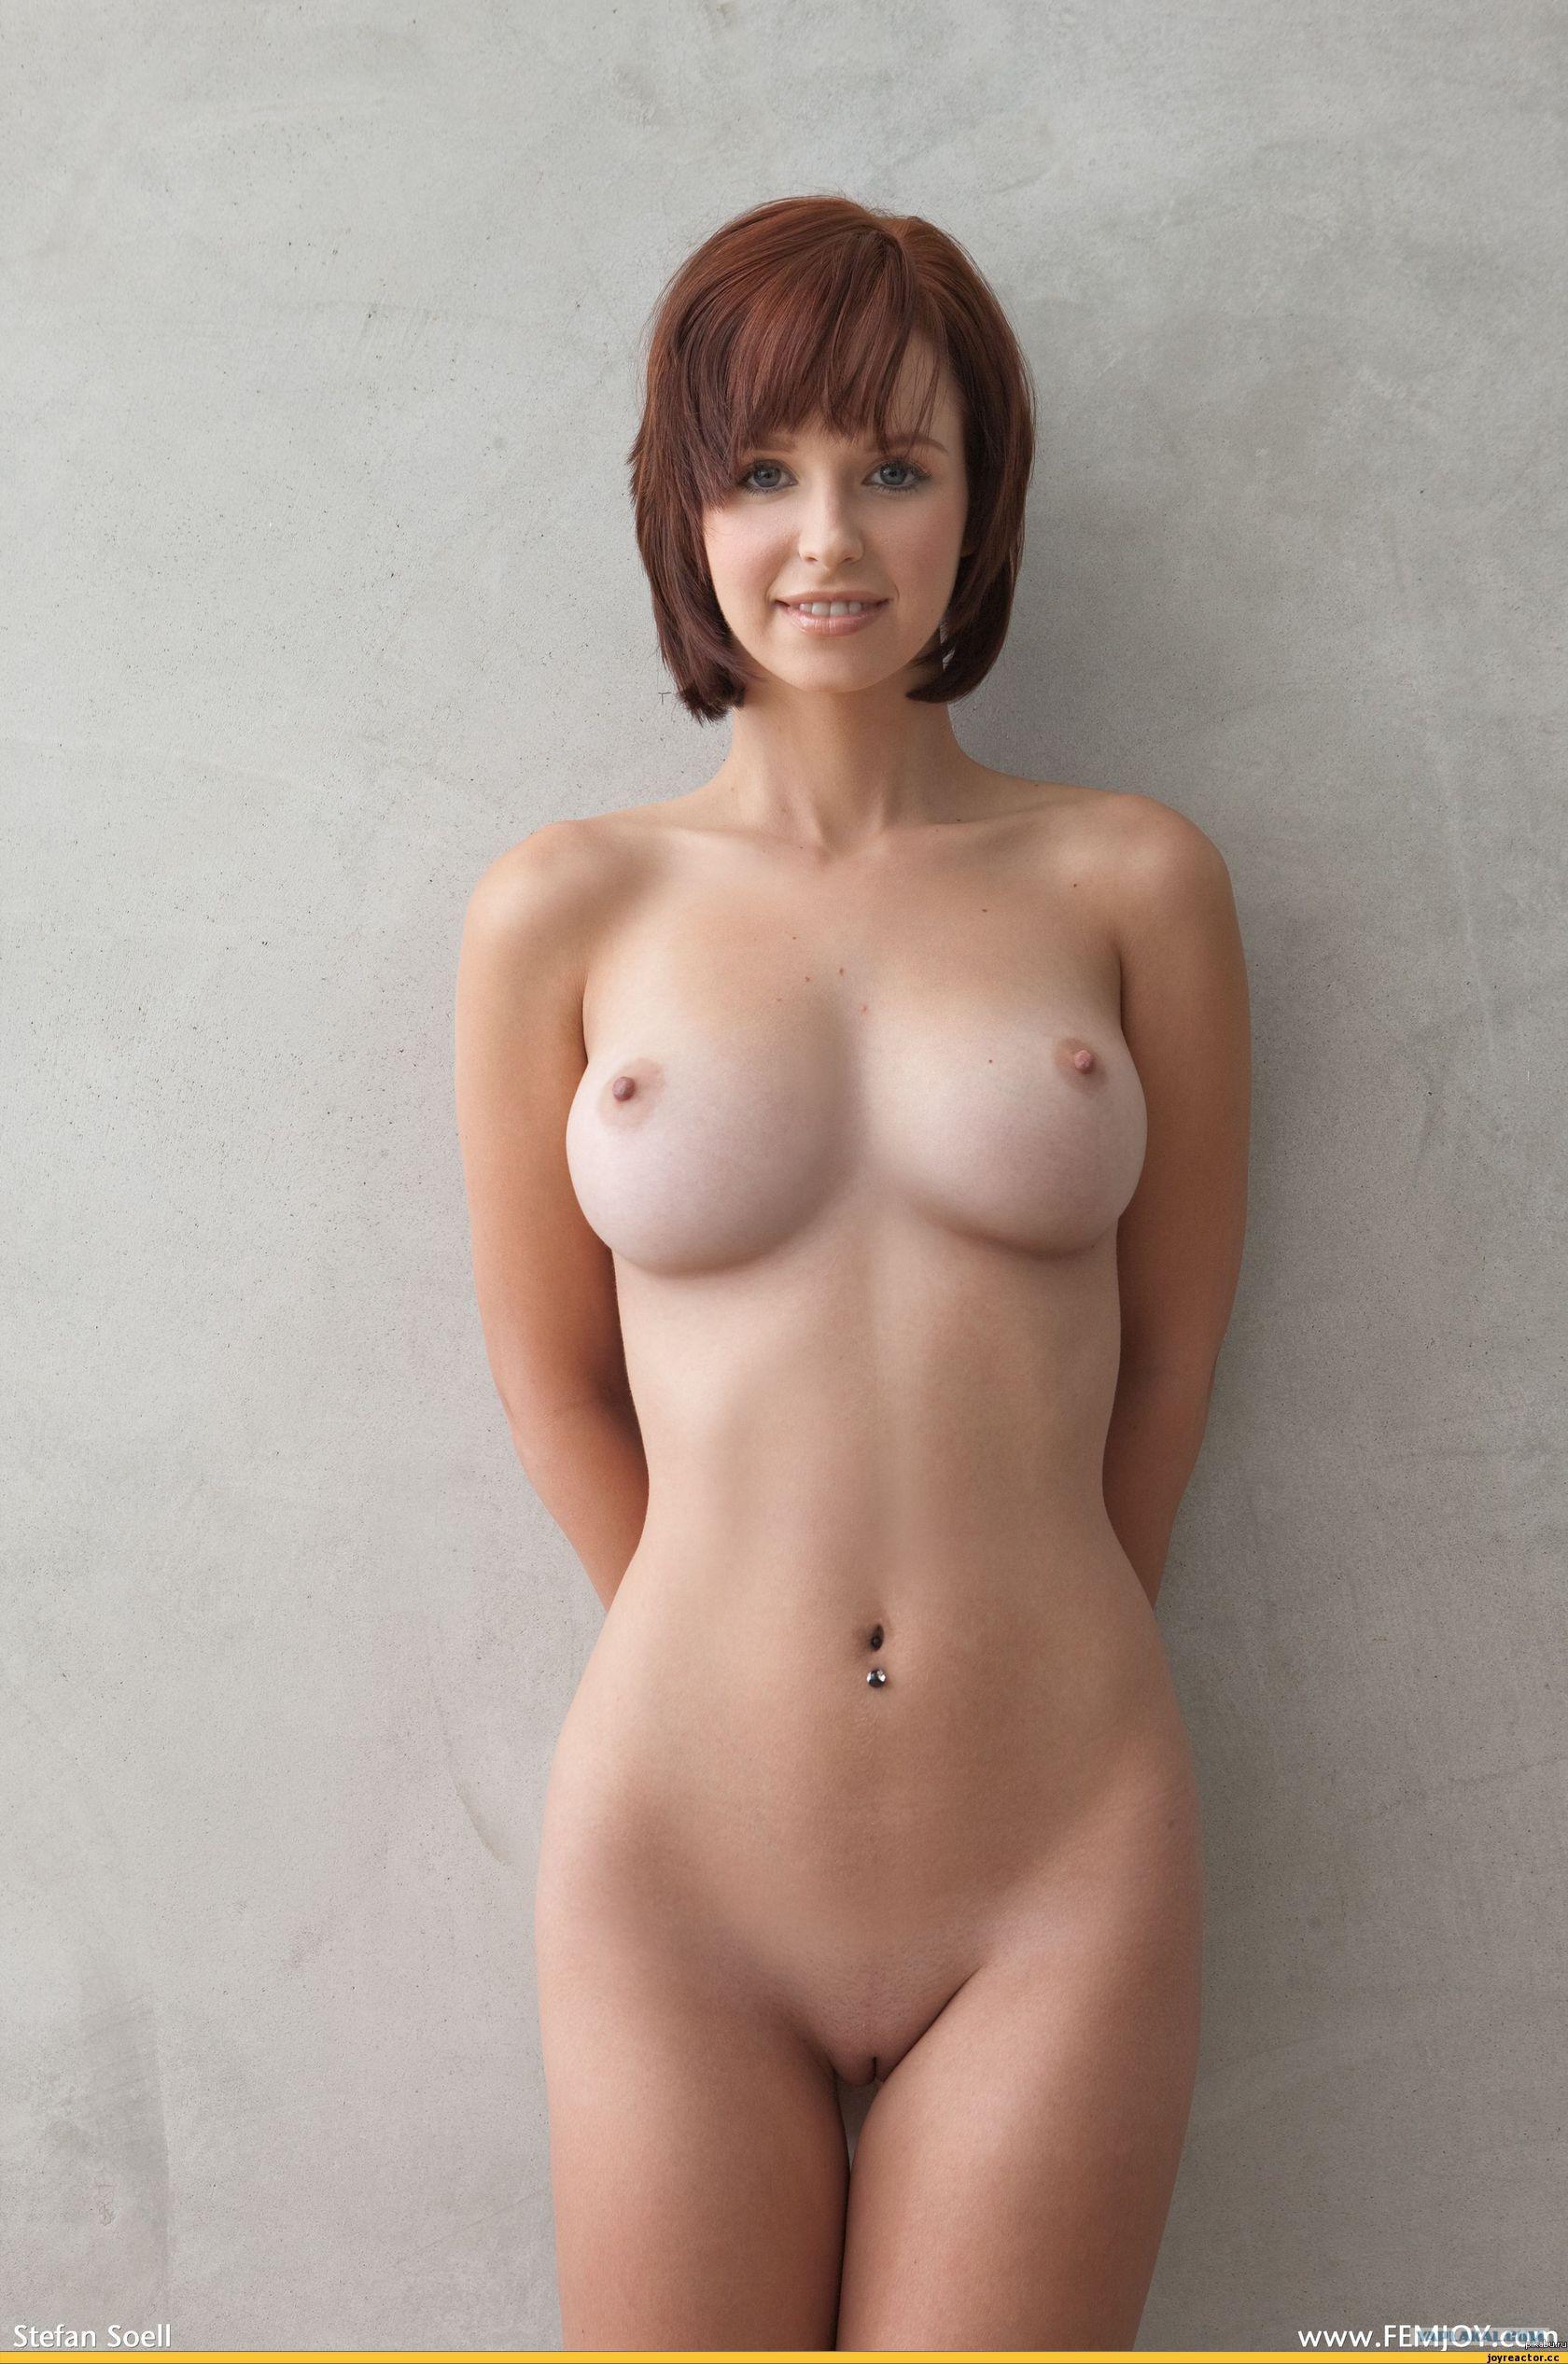 Фото девушек 3 размер порно